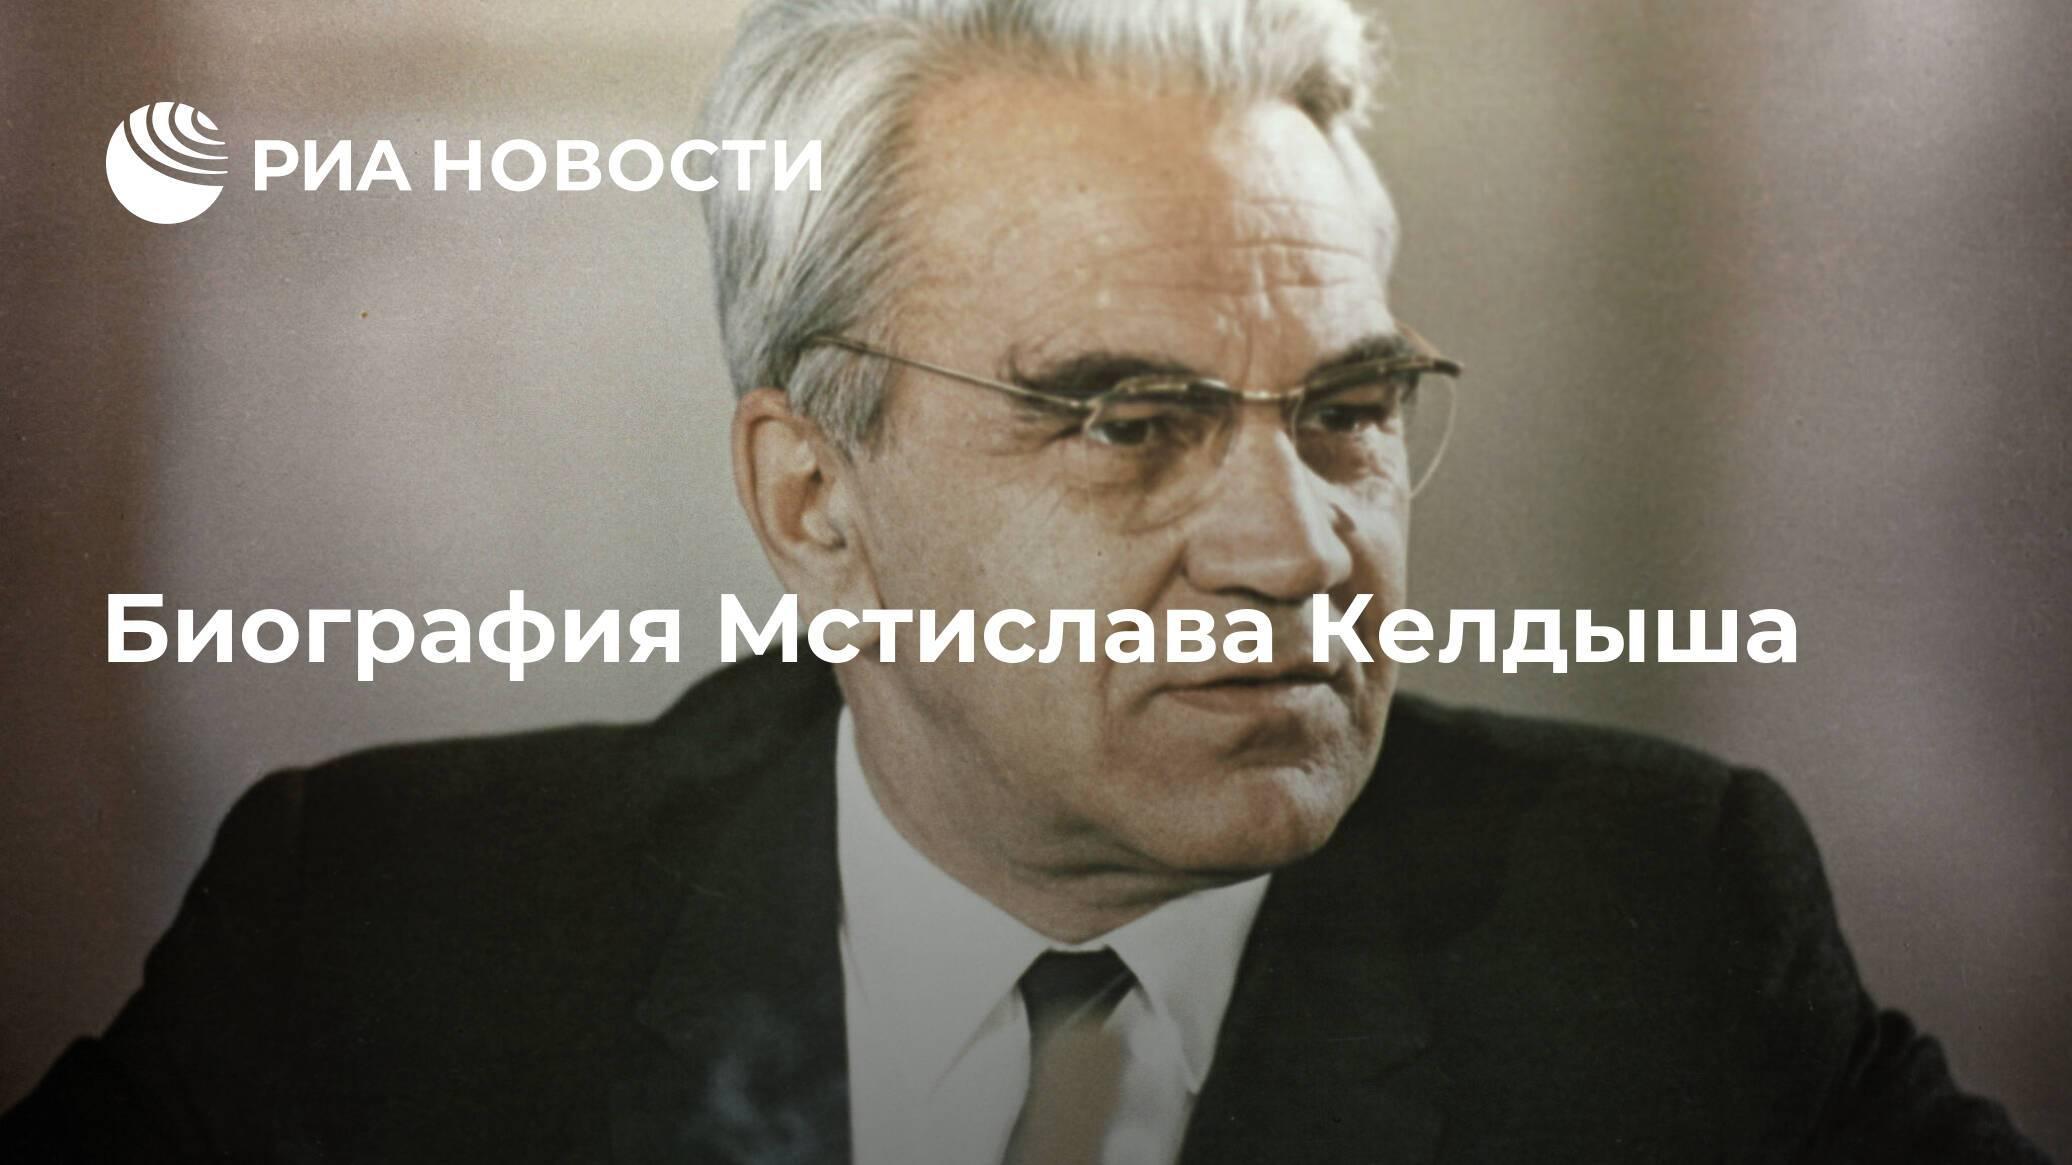 Келдыш, мстислав всеволодович биография, детство и начало карьеры